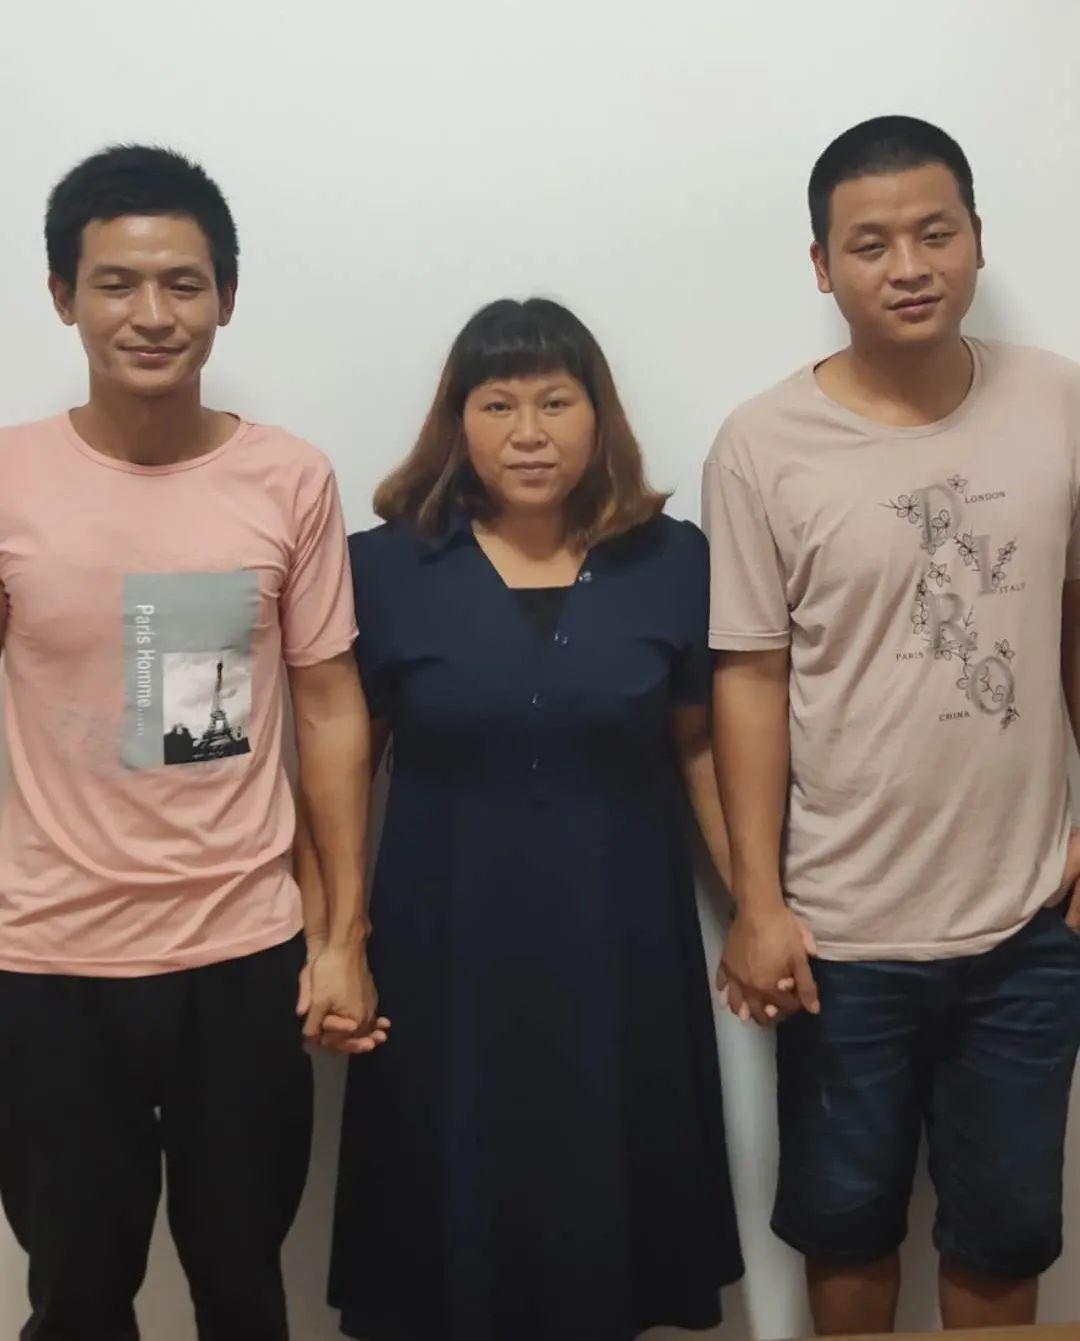 张保仁(左)、宋小女(中)、张保刚(右)母子三人。受访者供图